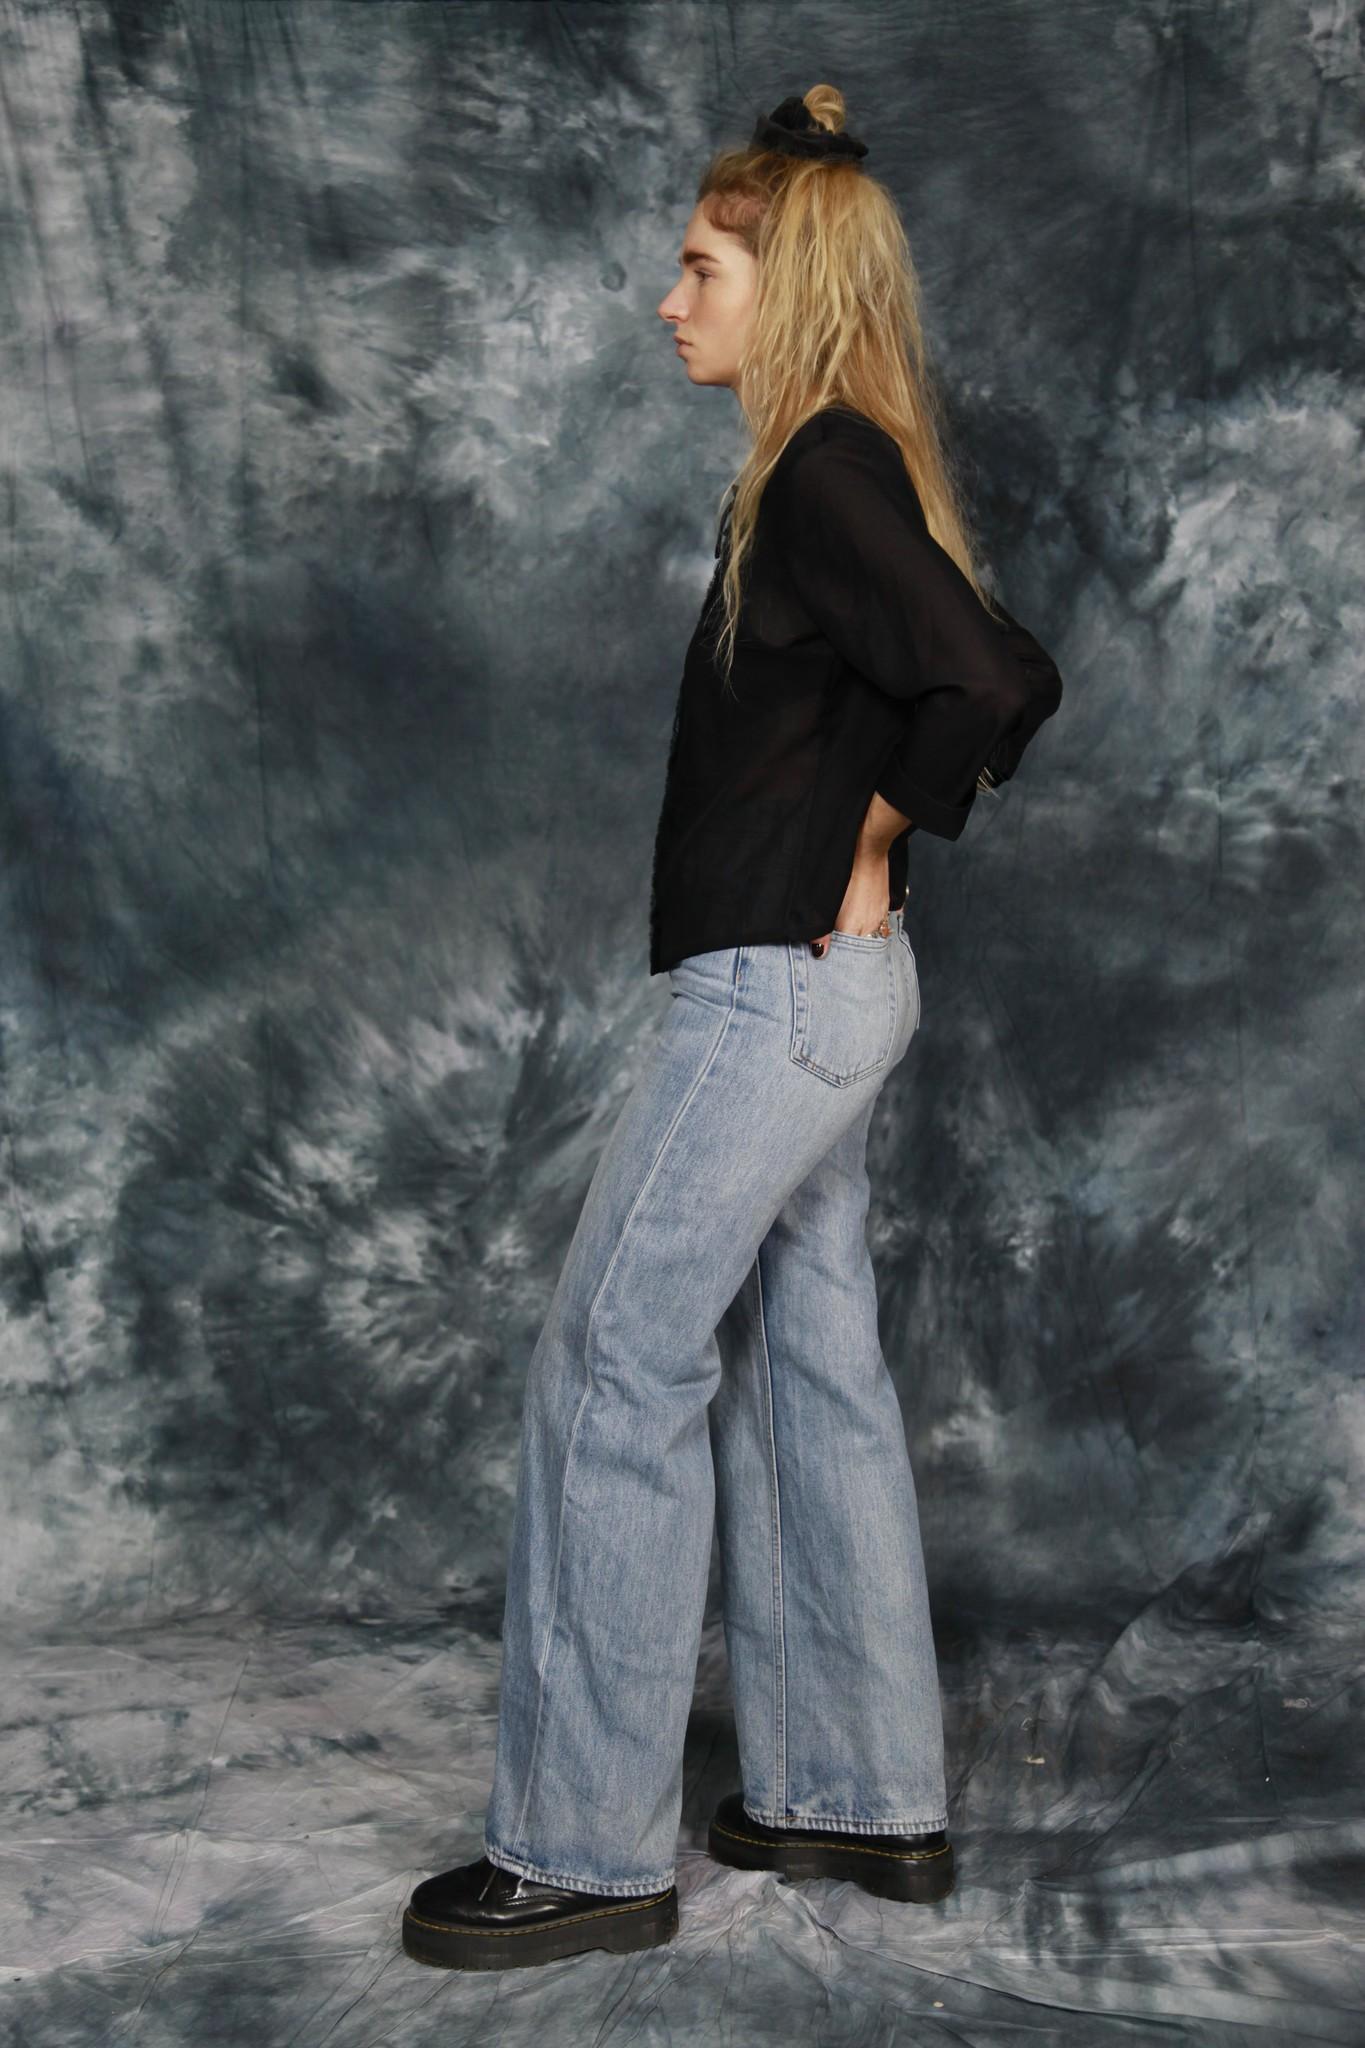 Classy 80s blouse in black